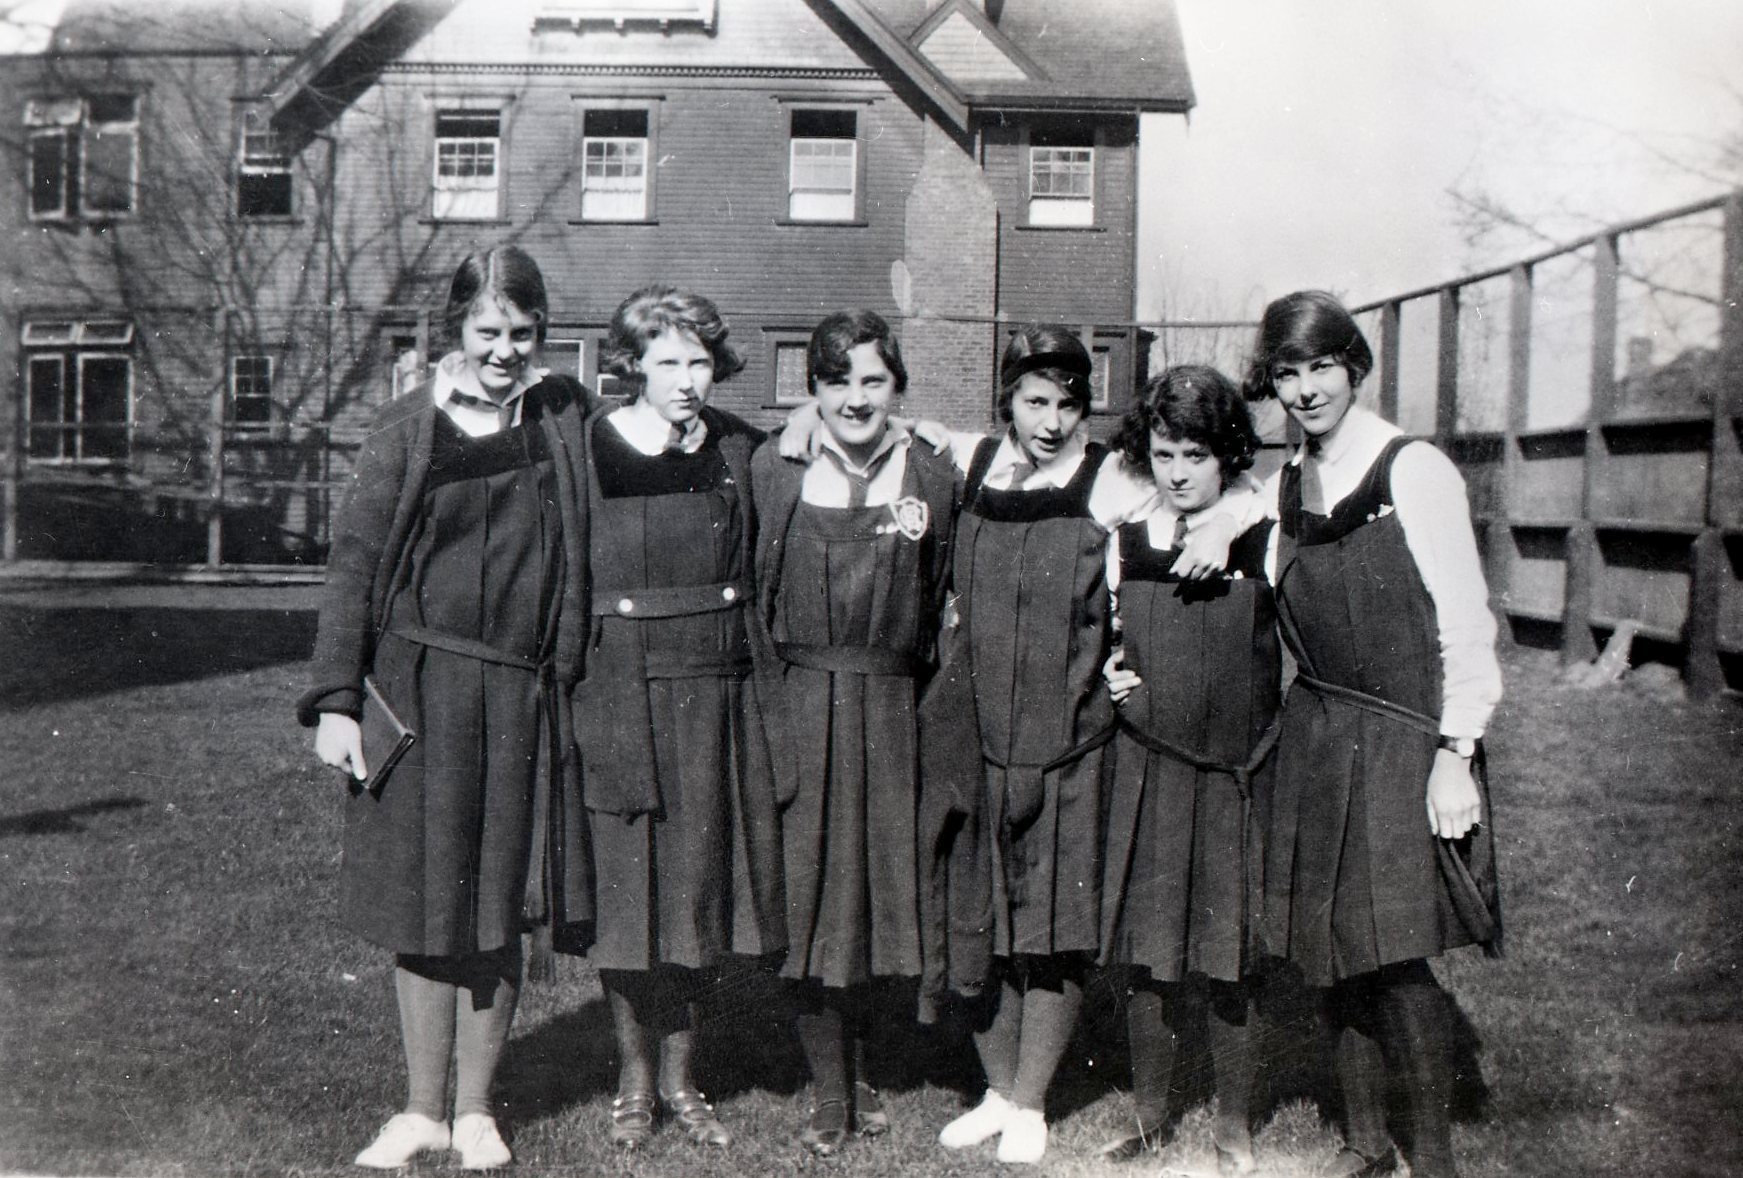 German School Boy Fashion